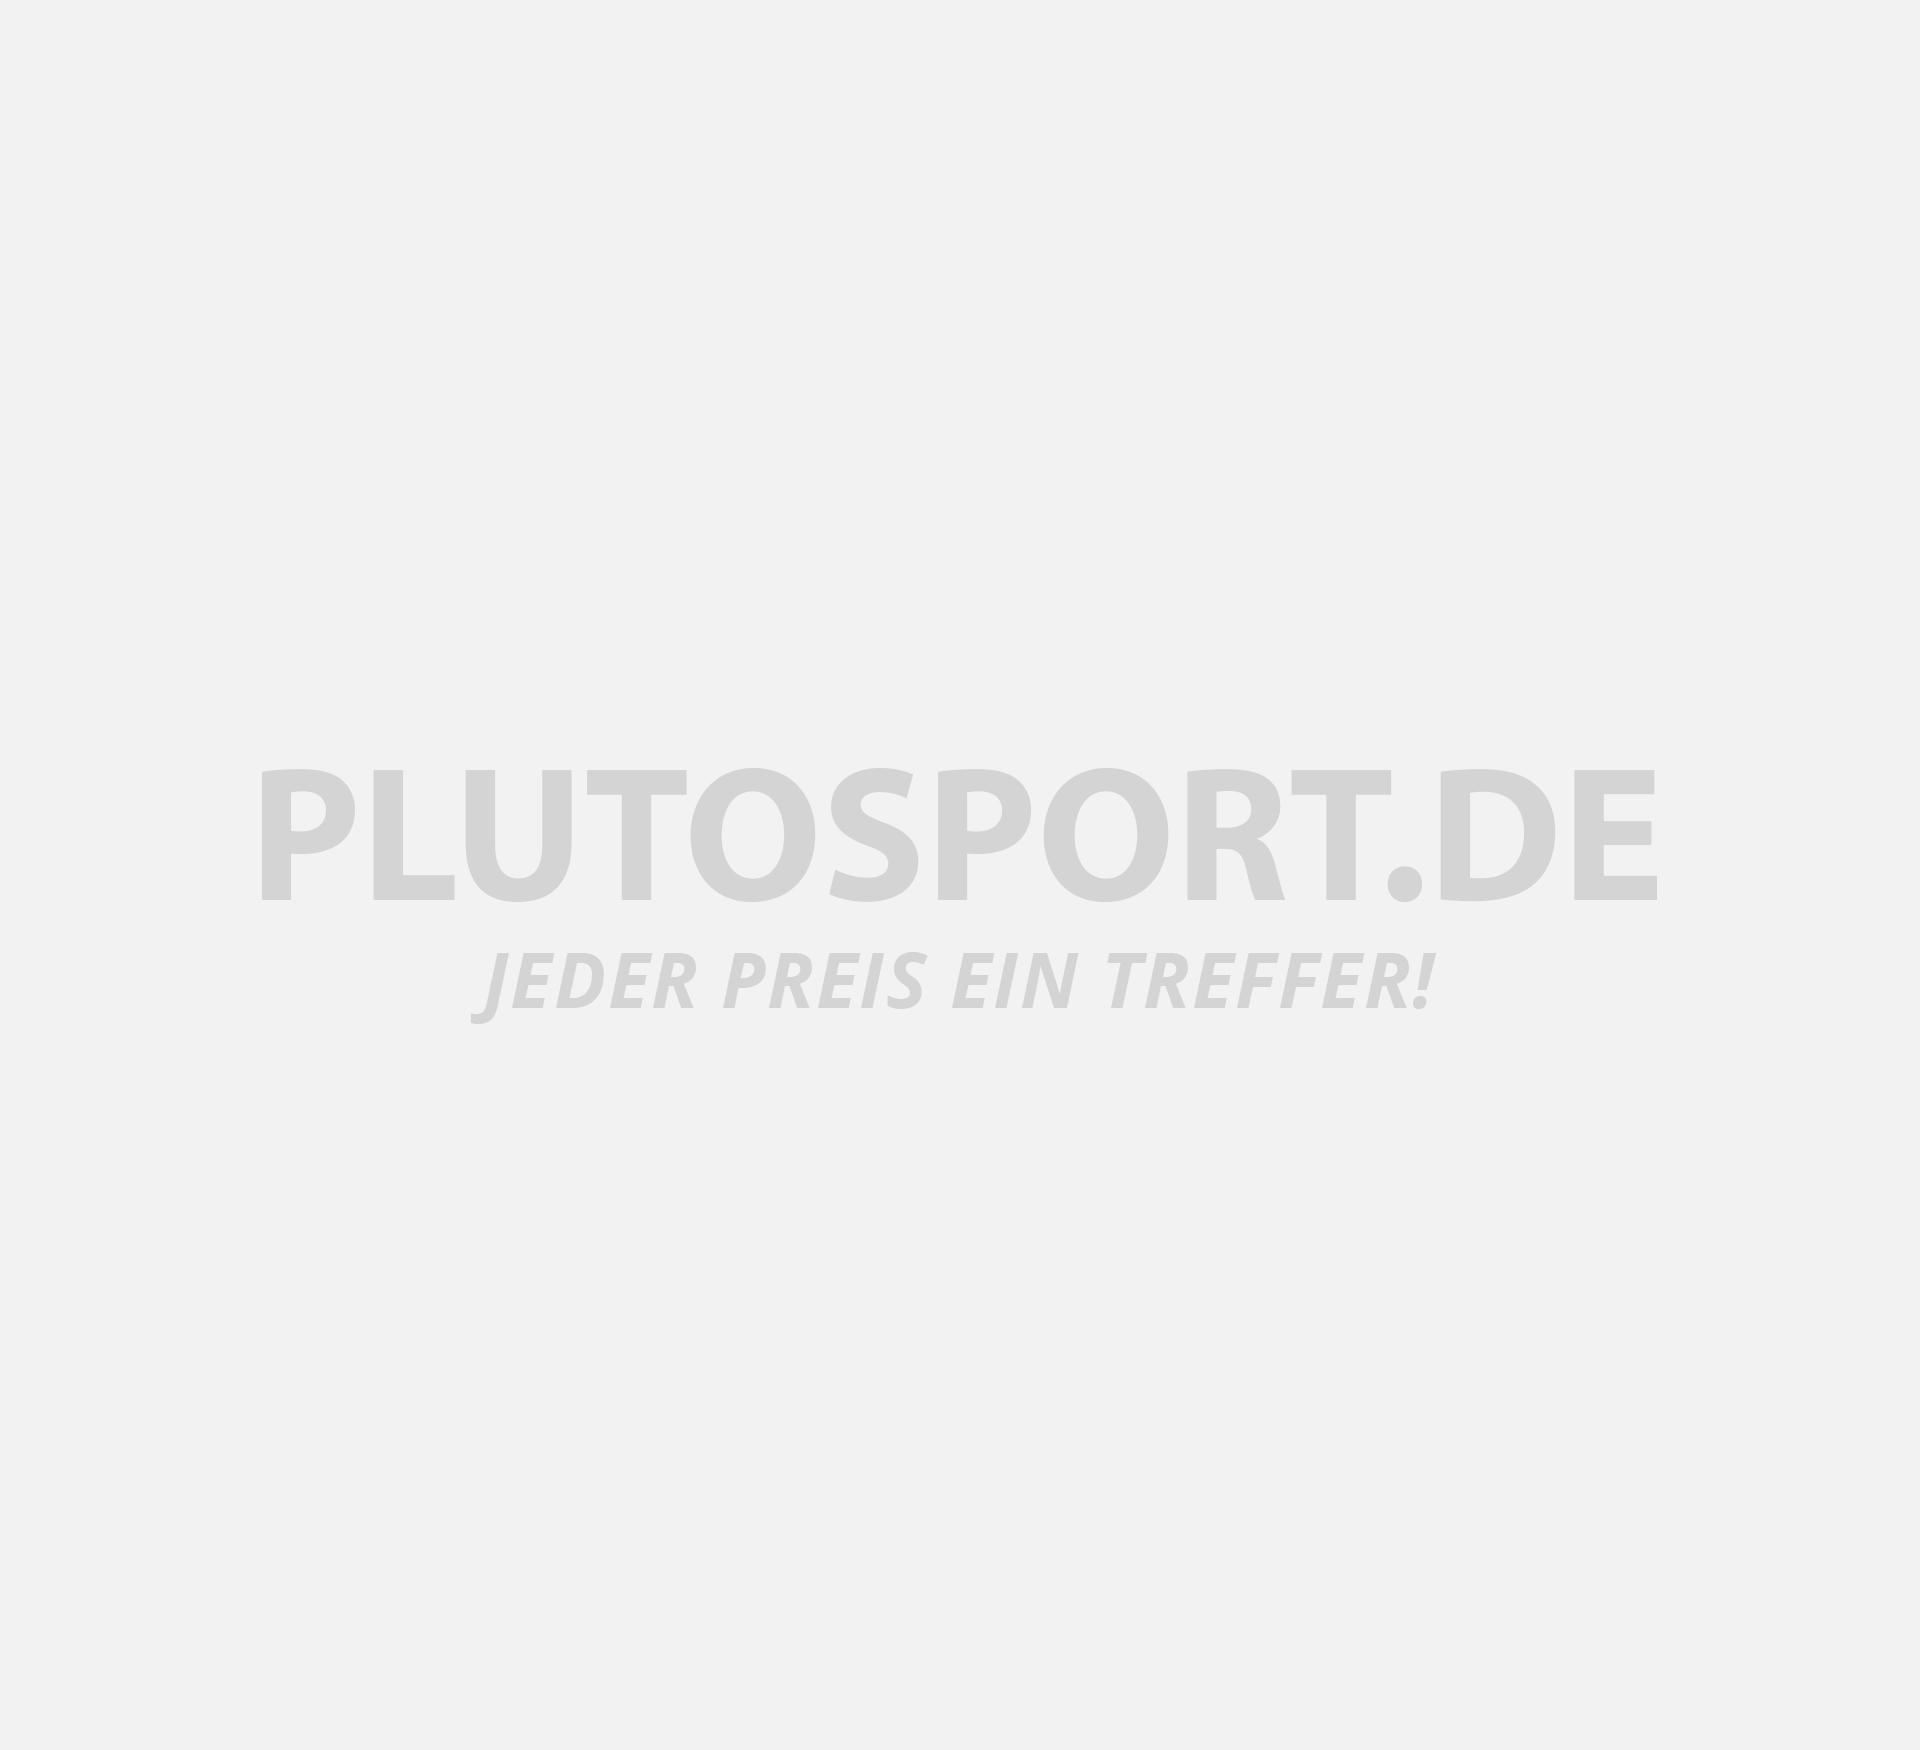 Neu adidas Kinder Fußballschuhe adidas Nitrocharge 3.0 FG zu